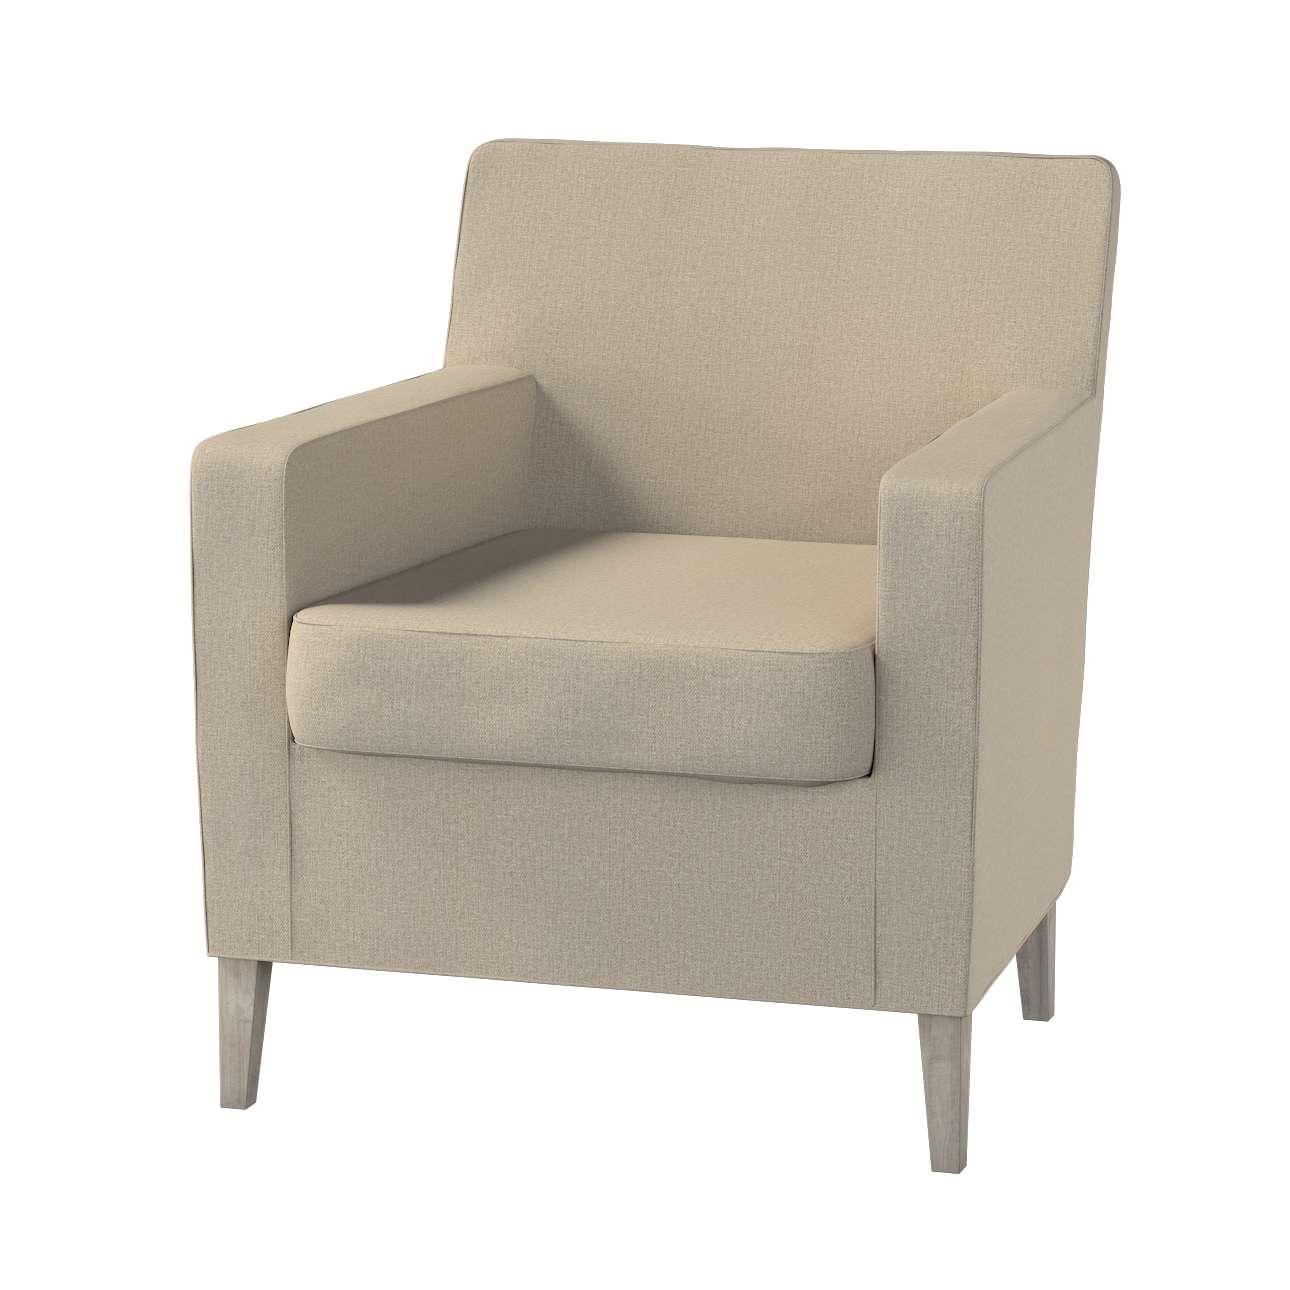 Karlstad fotelio-kėdės užvalkalas Karlstad fotelio - kėdės užvalkalas kolekcijoje Edinburgh , audinys: 115-78